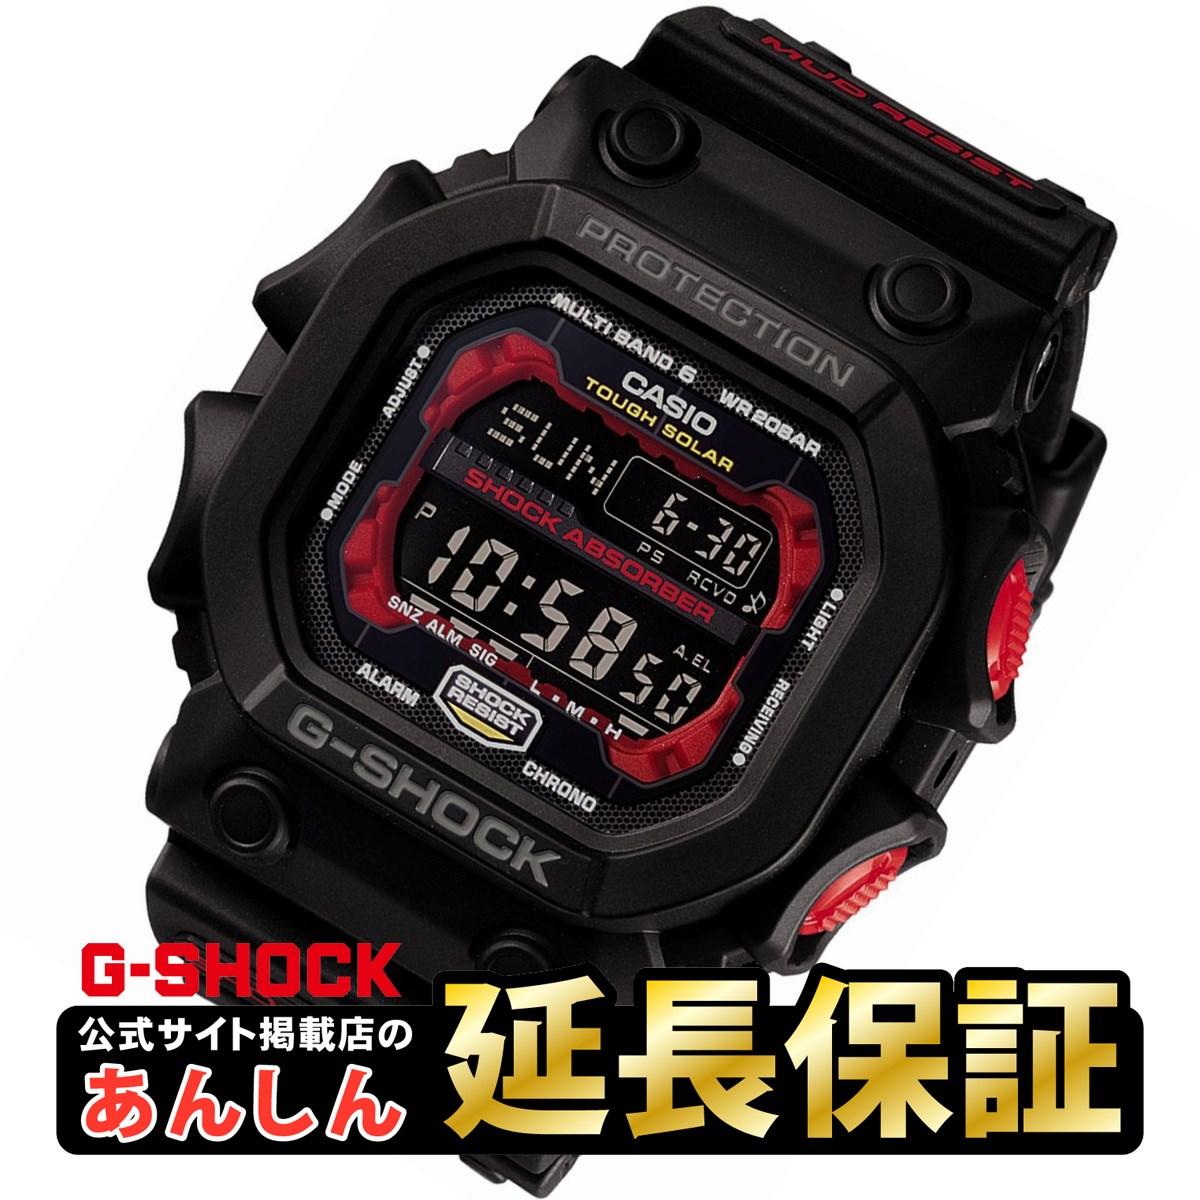 カシオ Gショック GXW-56-1AJF 電波 ソーラー 電波時計 メンズ 腕時計 デジタル タフソーラー CASIO G-SHOCK 【正規品】【店頭受取対応商品】